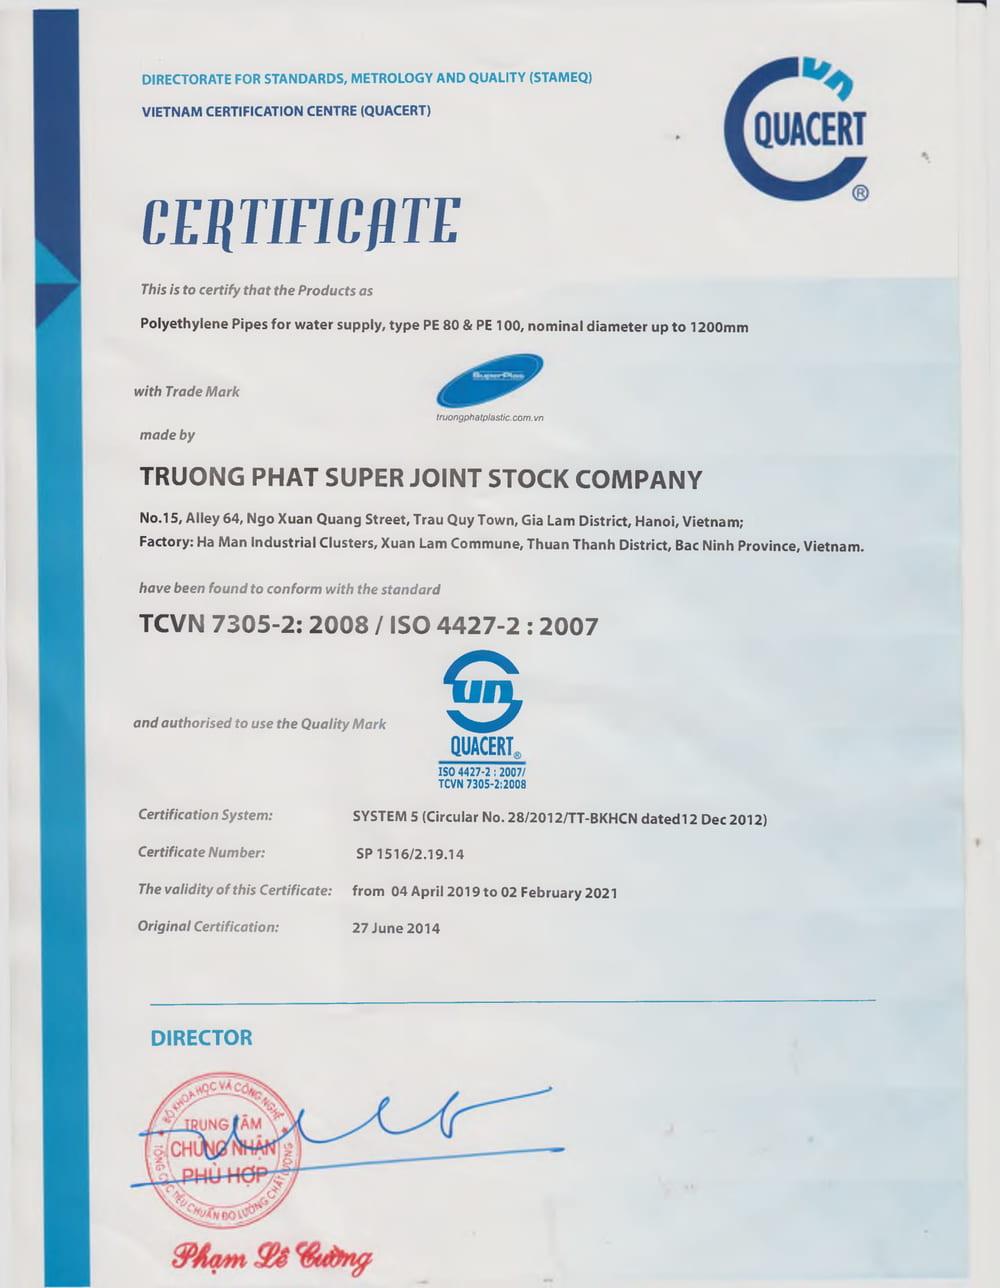 Giấy chứng nhận tiêu chuẩn Việt Nam TCVN 7305-2:2008 / ISO 4427-2:2007